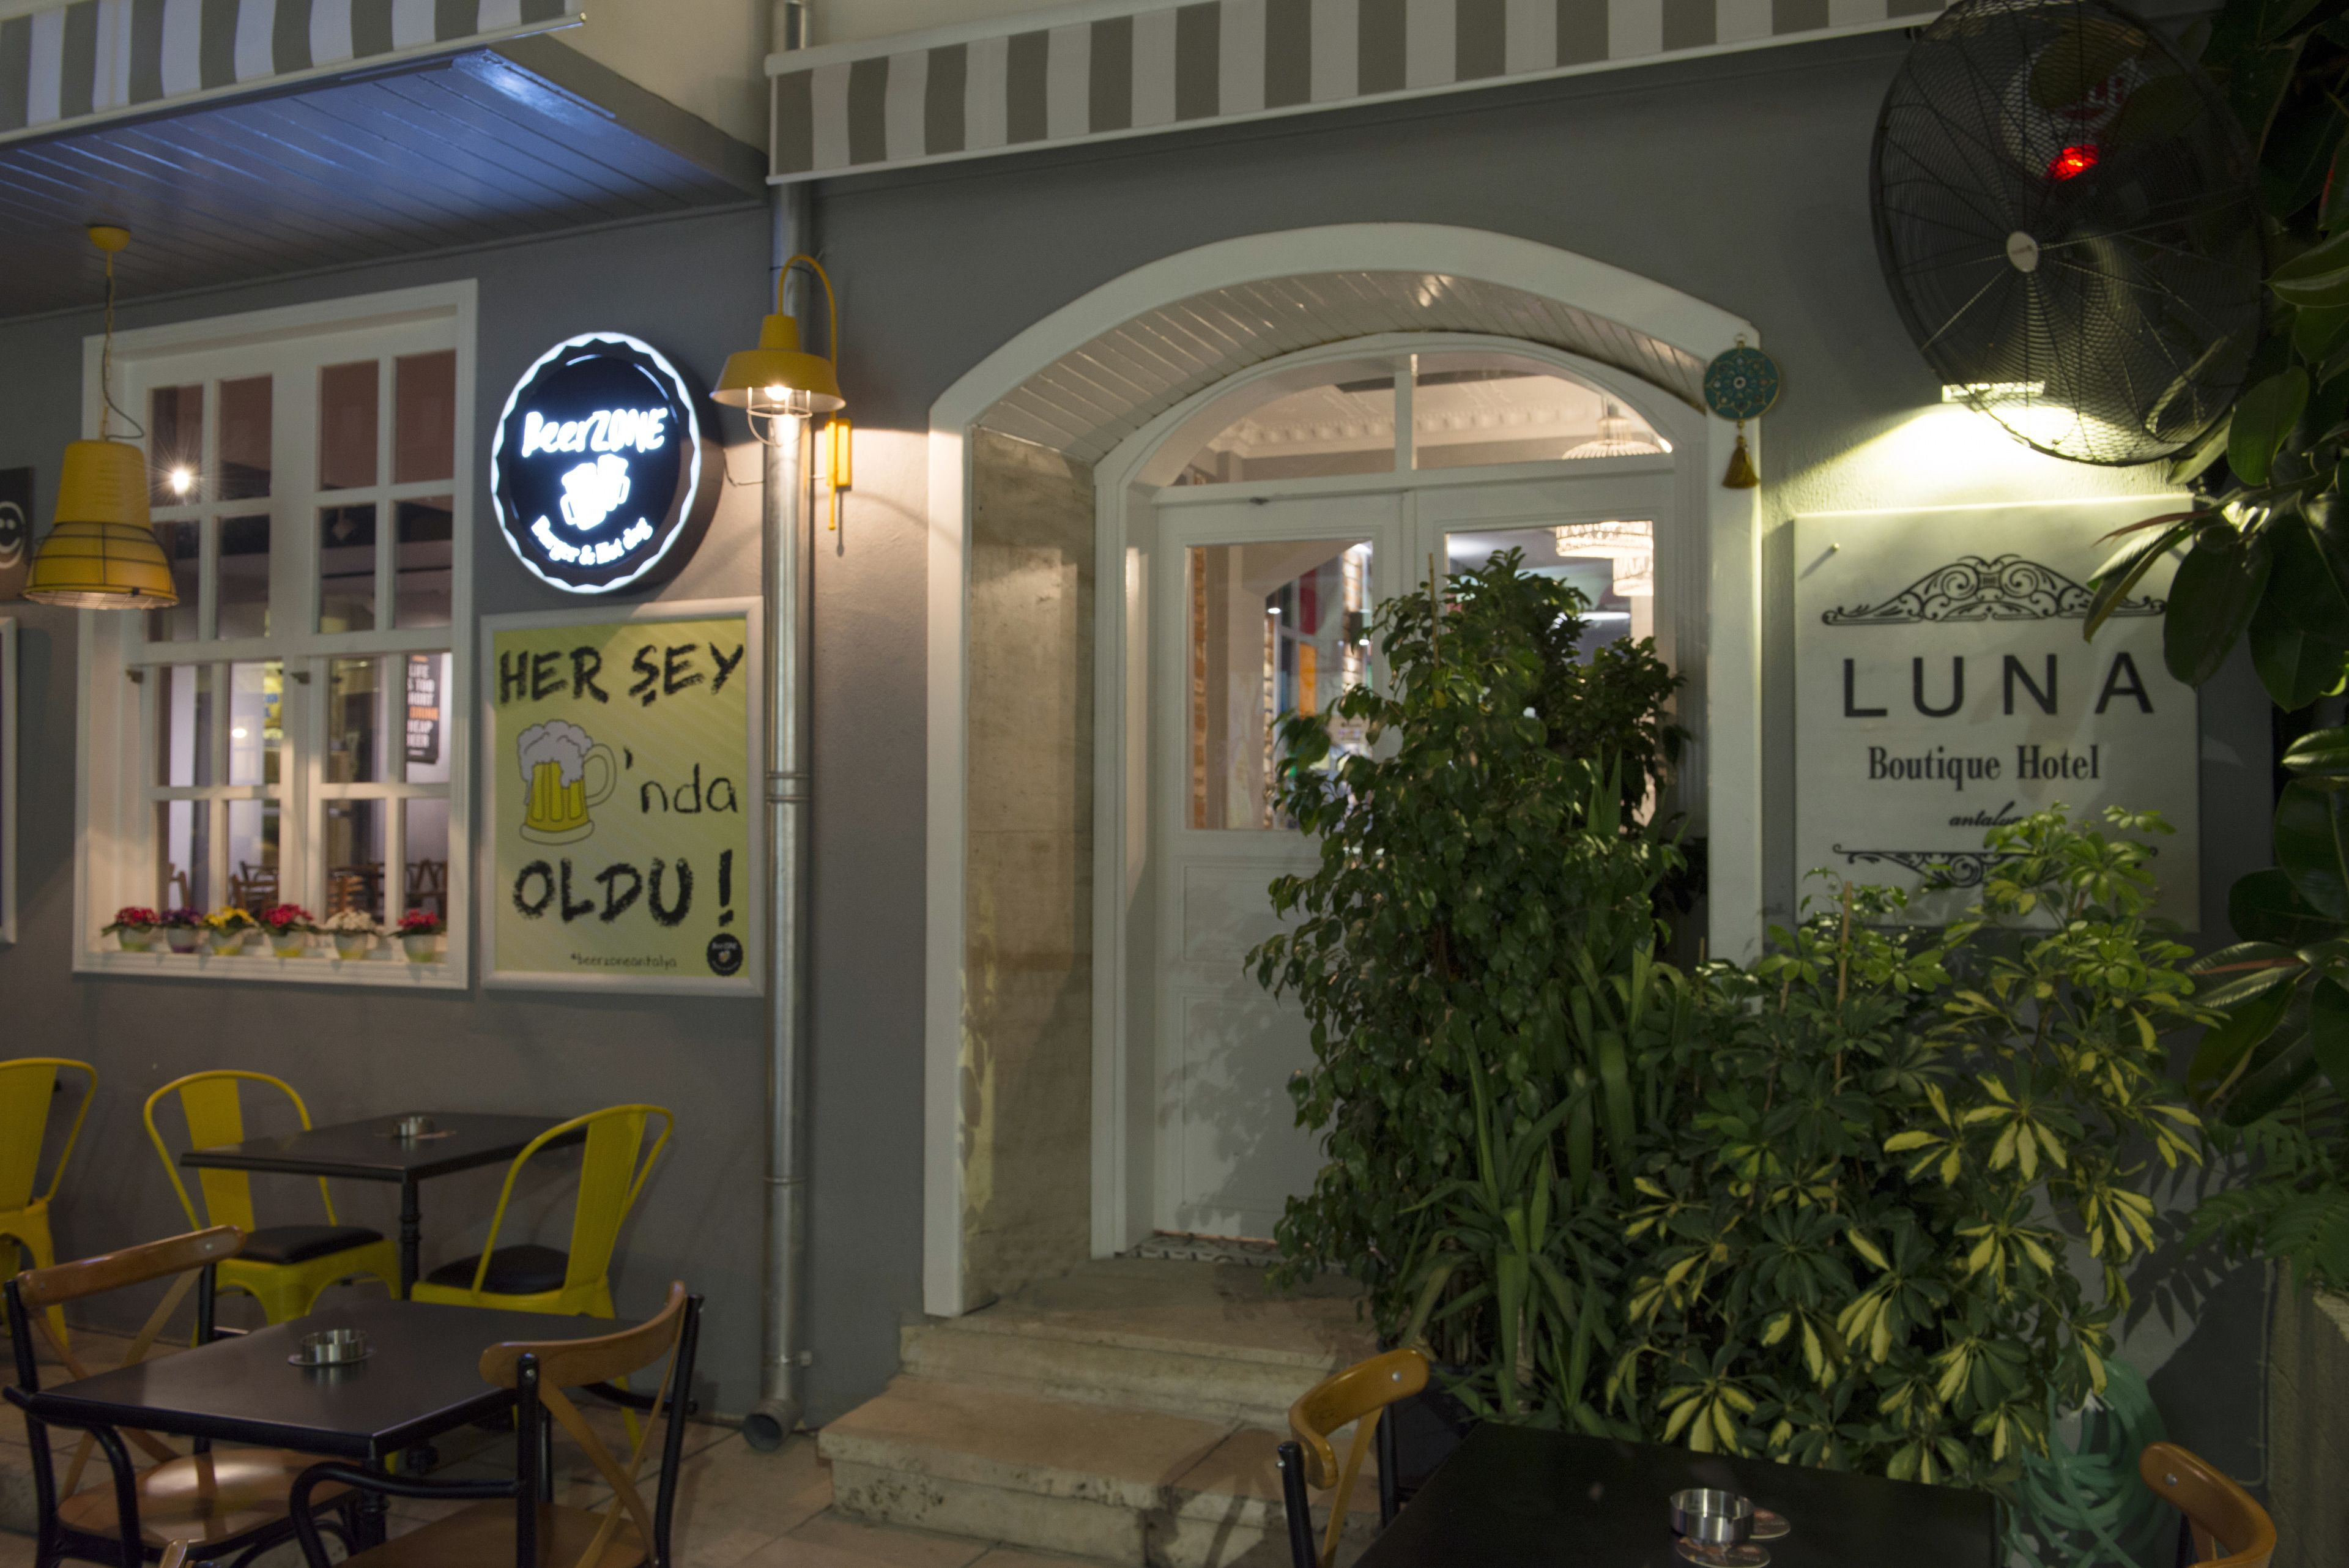 Luna Boutique